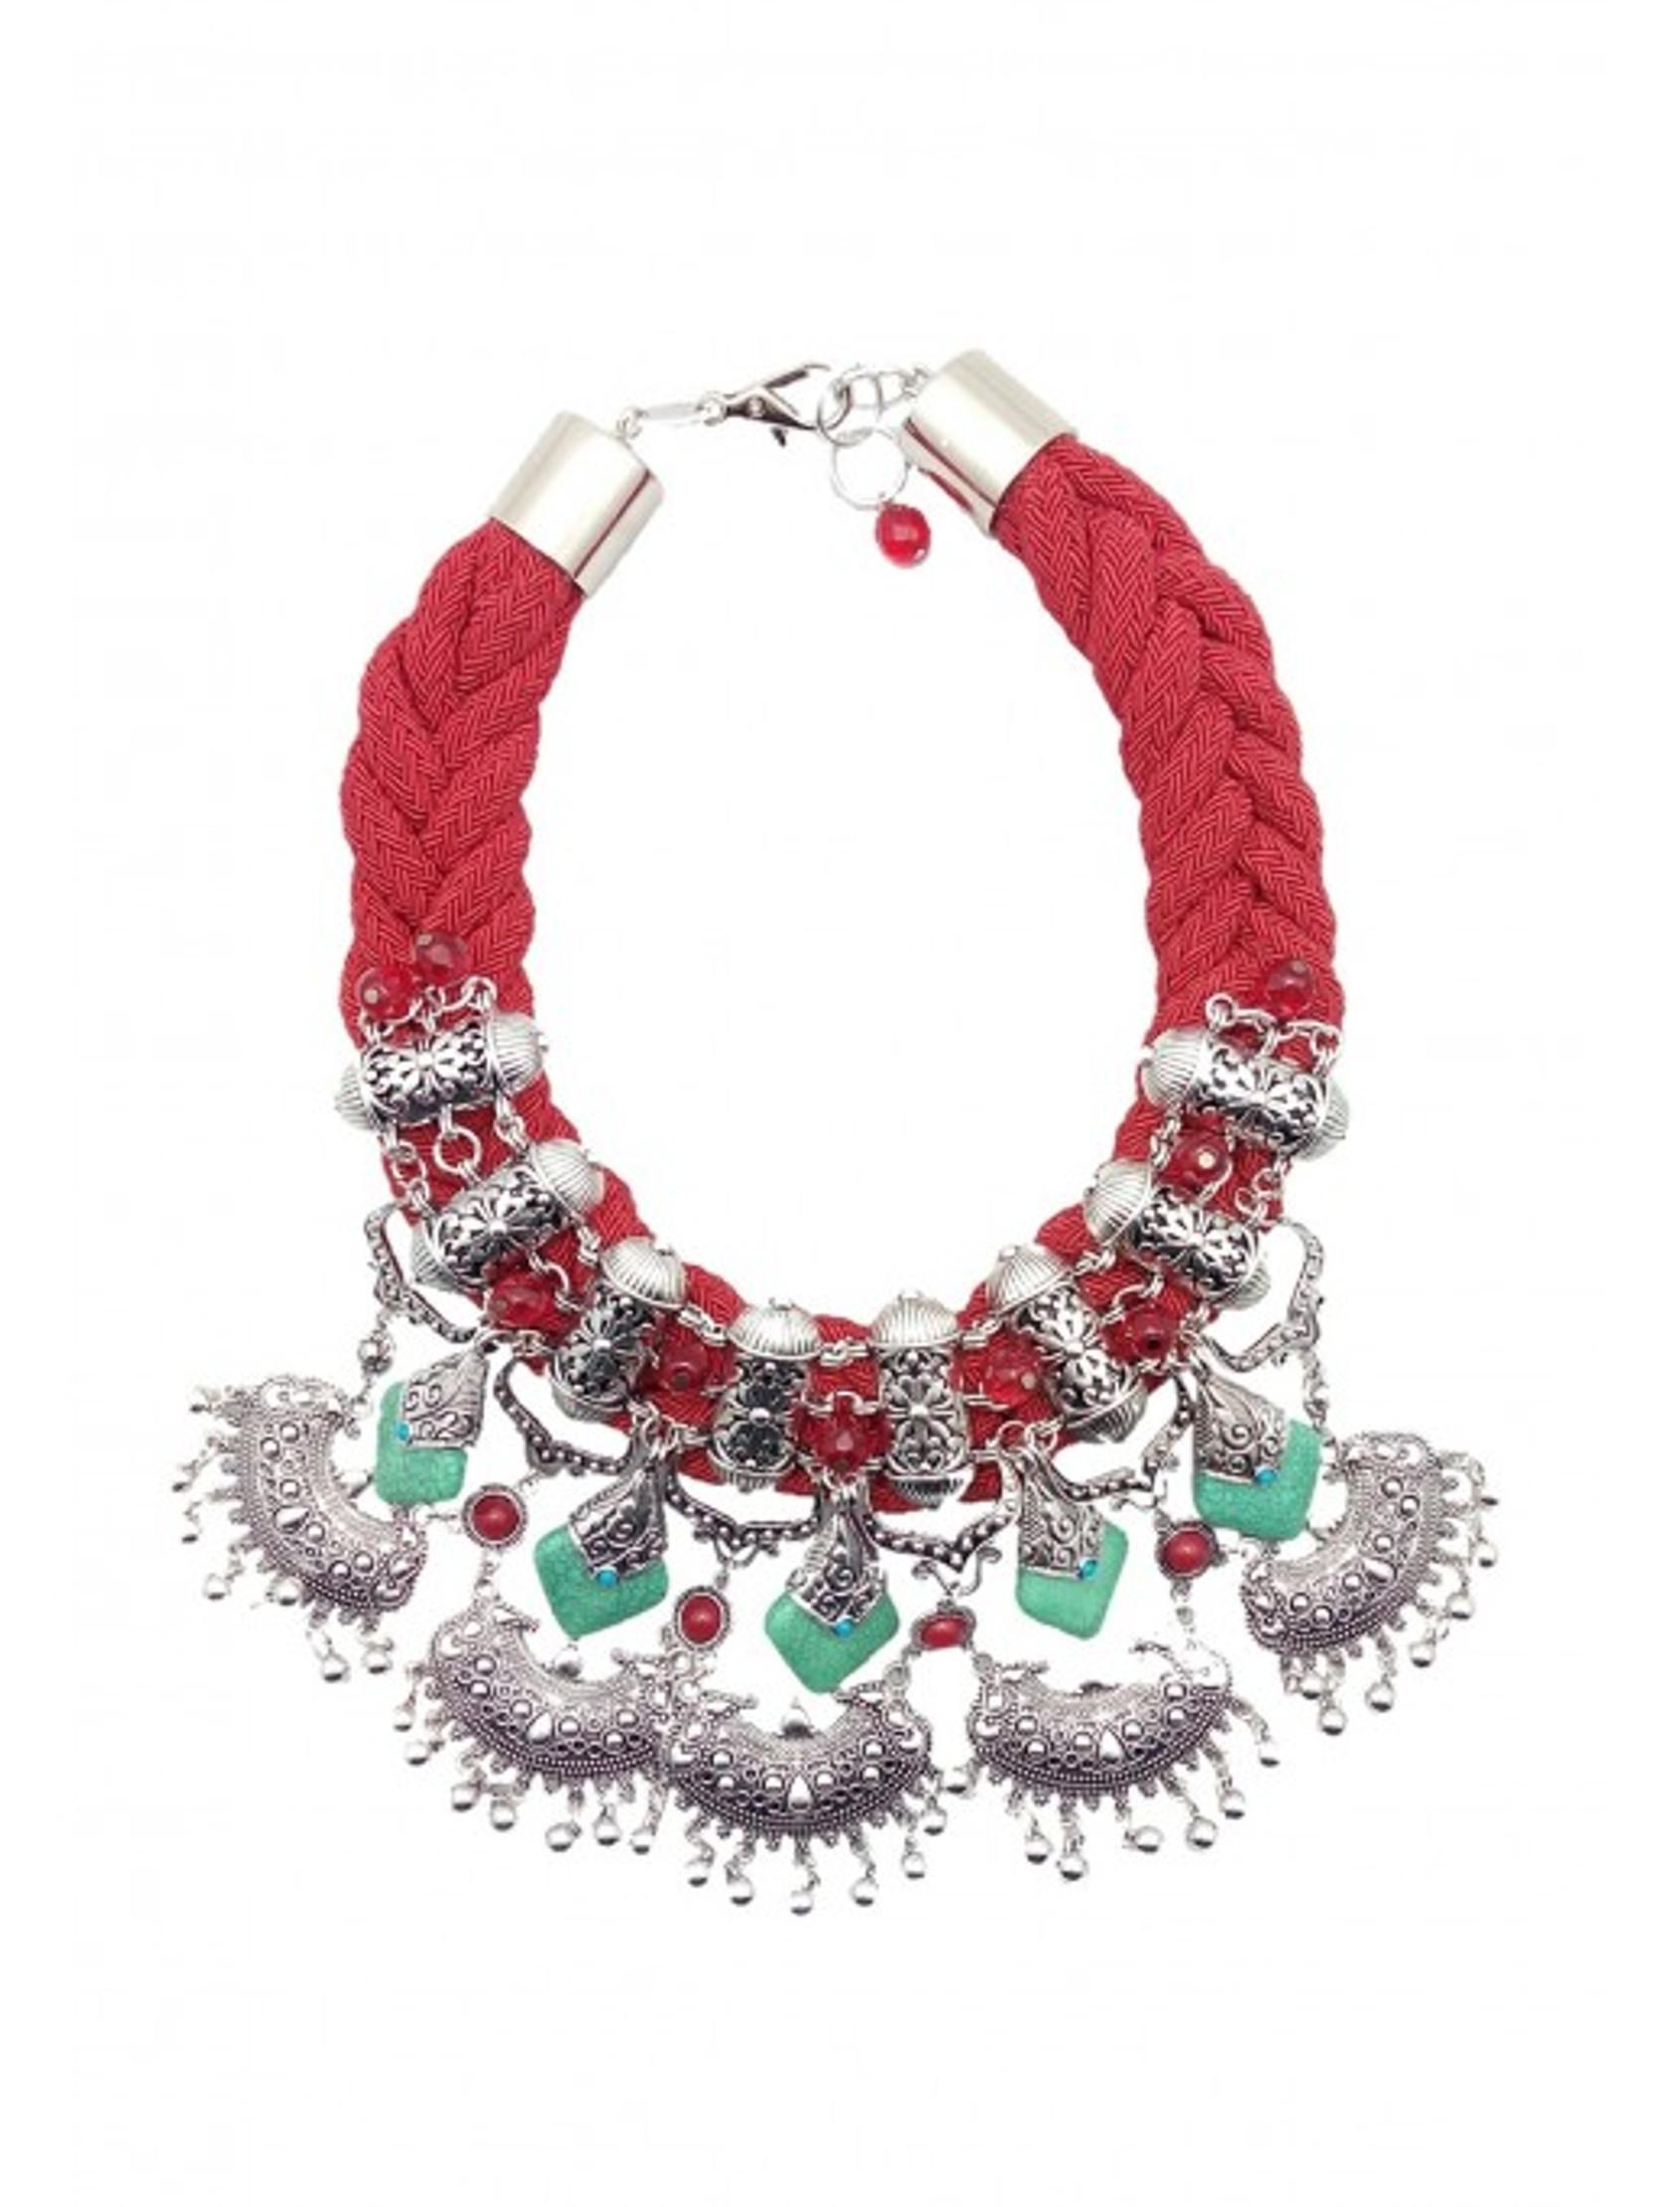 collar star de estilo étnico con cuerda de rayón rojo y pieza metalizada multicolor